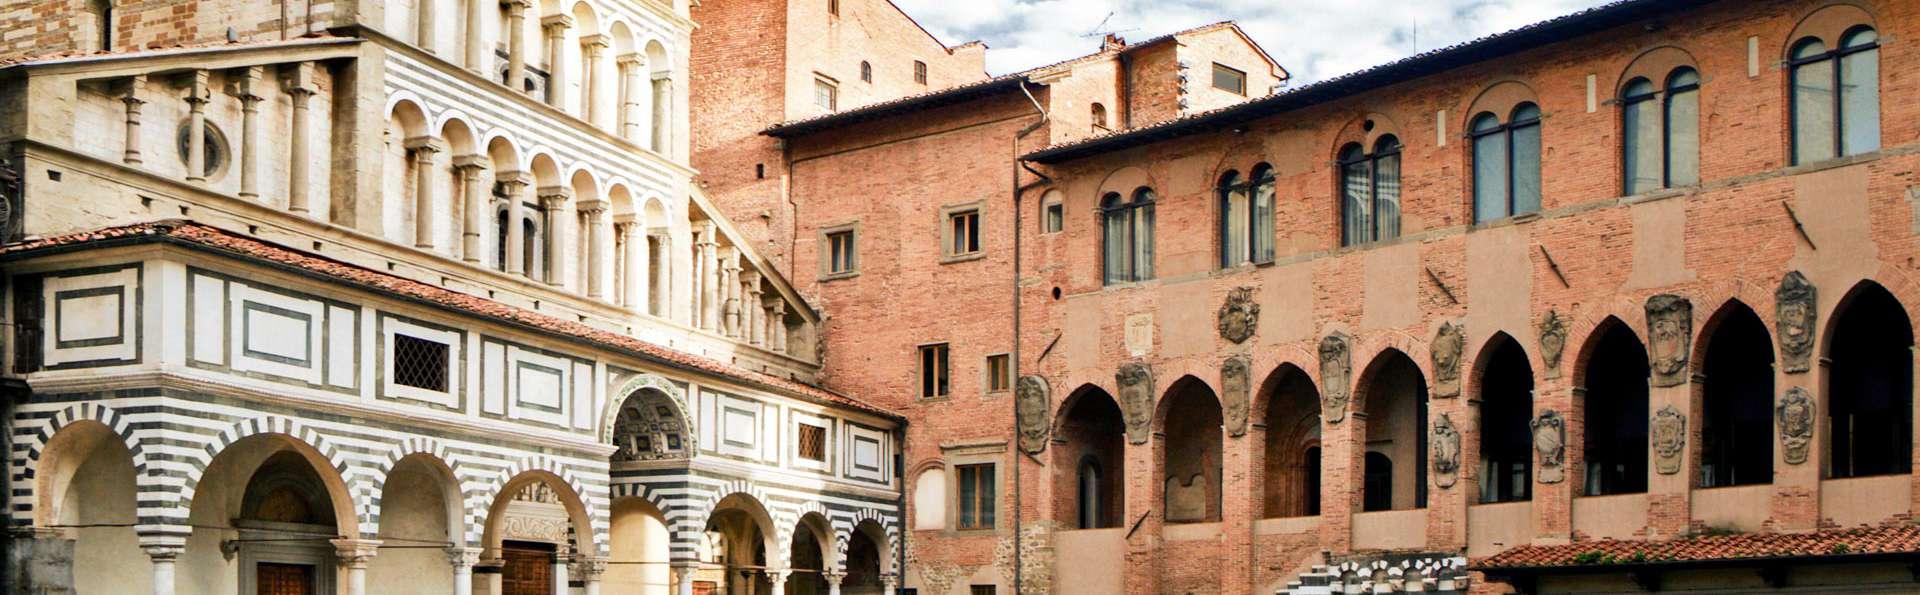 Offre de séjours à partir de deux nuits à Montecatini Terme !